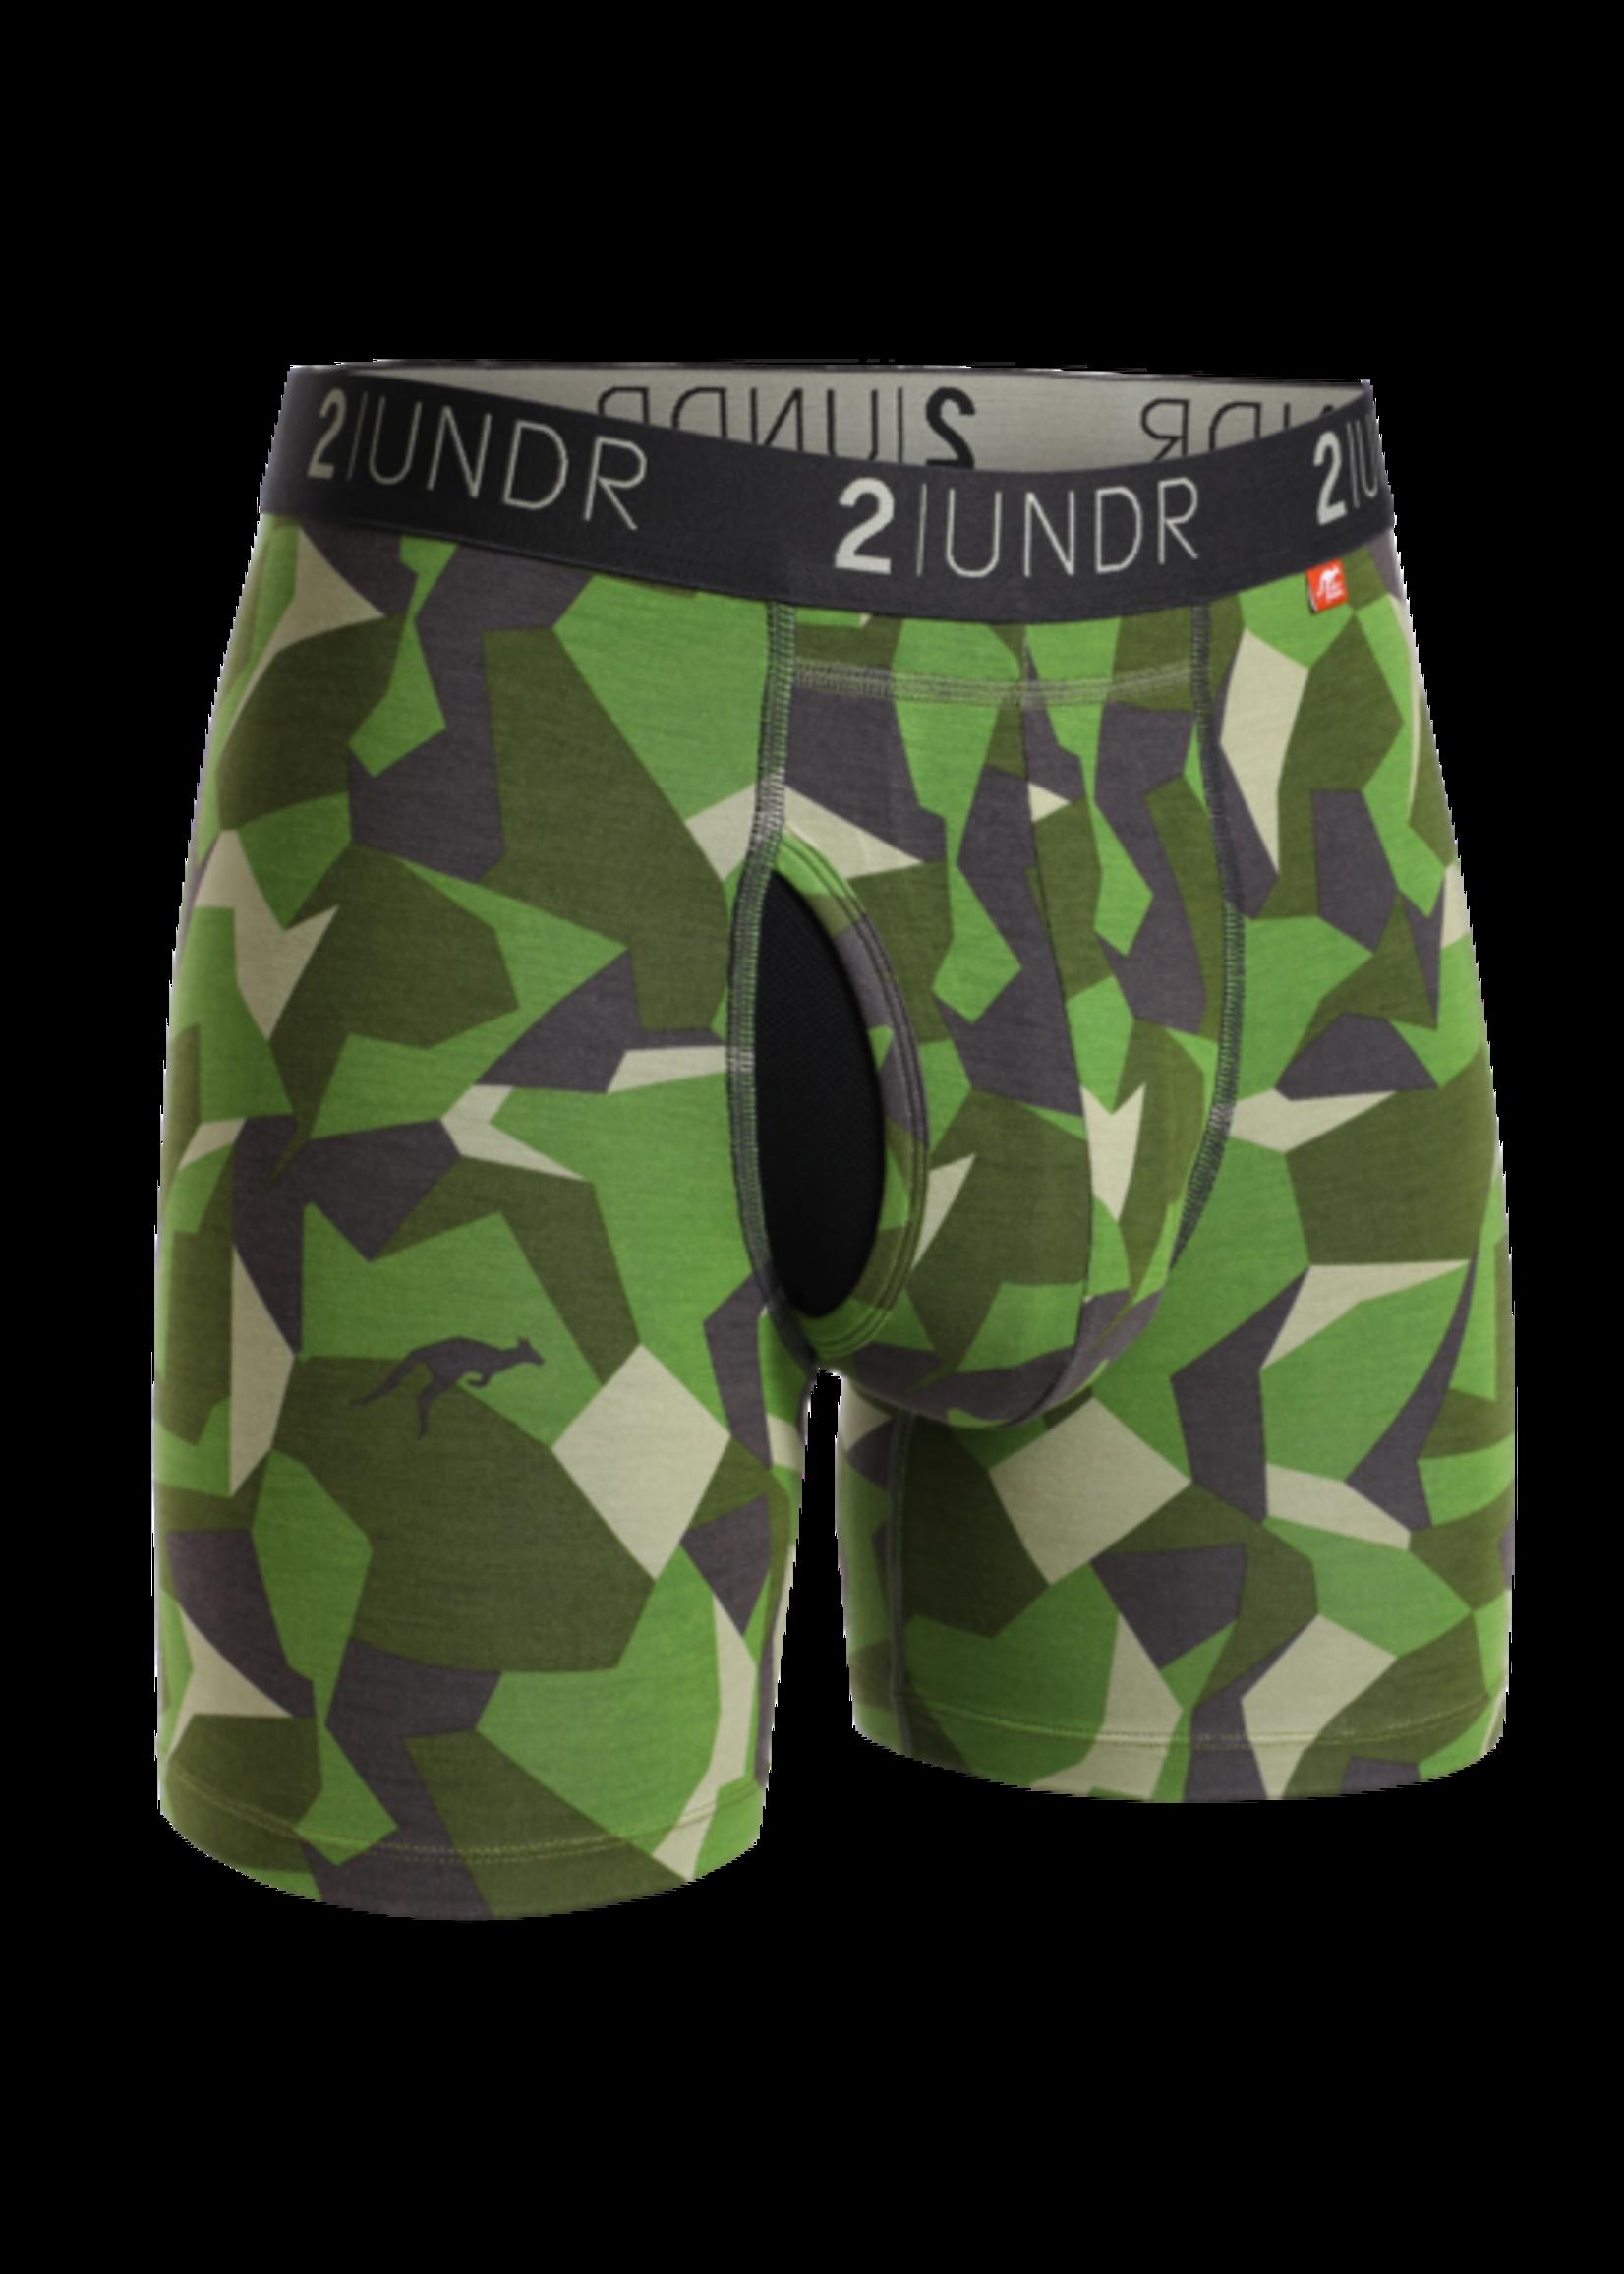 """2UNDR 2UNDR's """"Green Camo"""" Swing Shift Boxer Brief"""